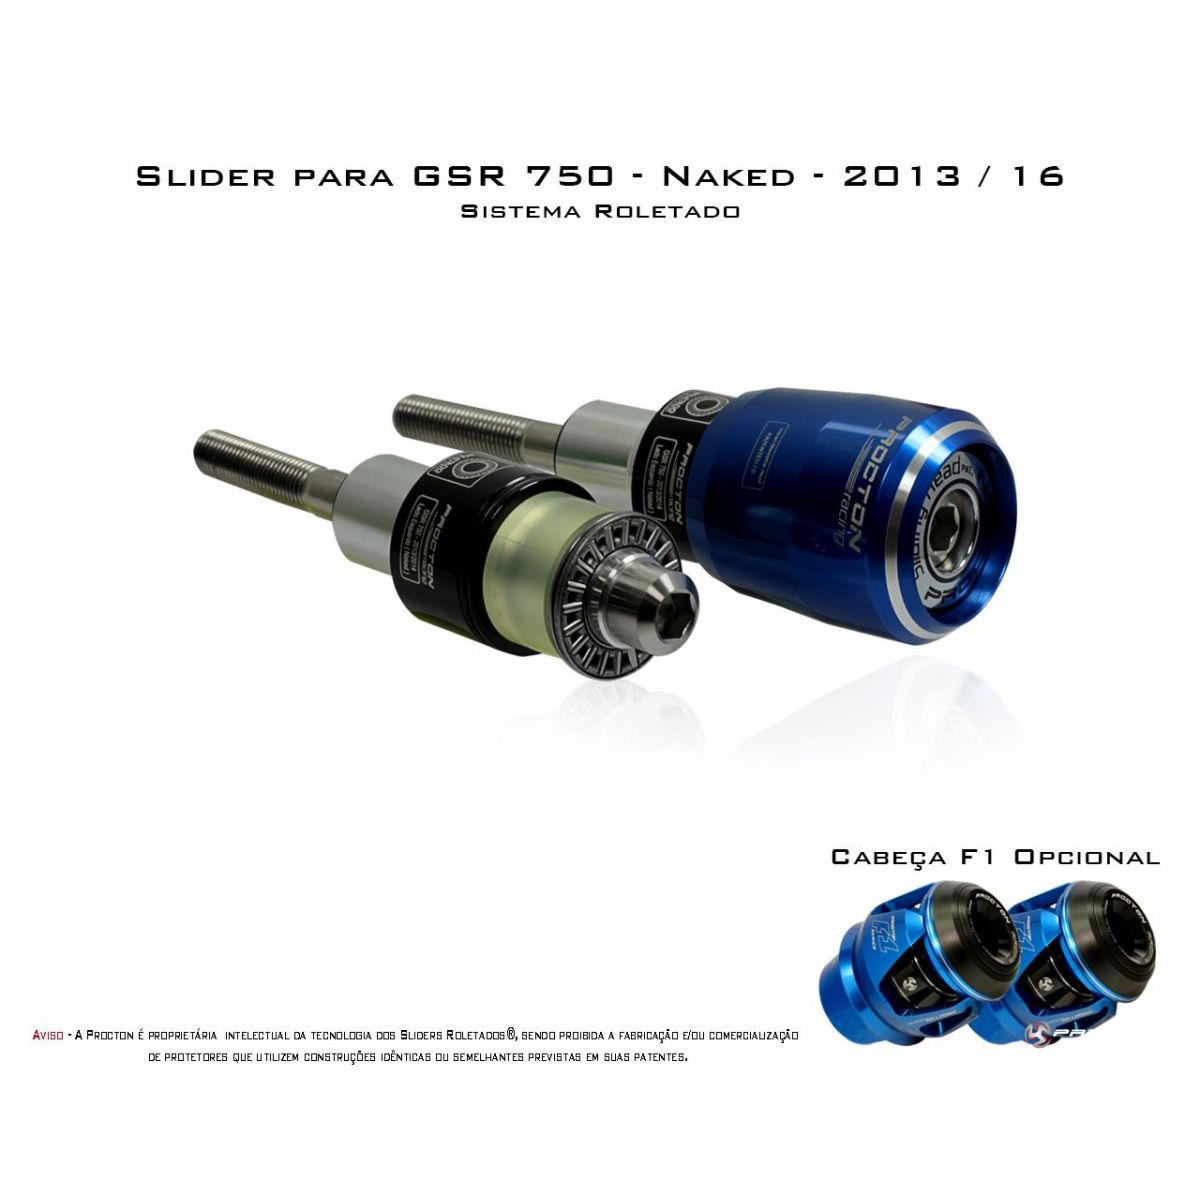 Slider Dianteiro Procton  com Amortecimento GSR750 - NAKED - 13/16 (Roletado)  - Nova Suzuki Motos e Acessórios